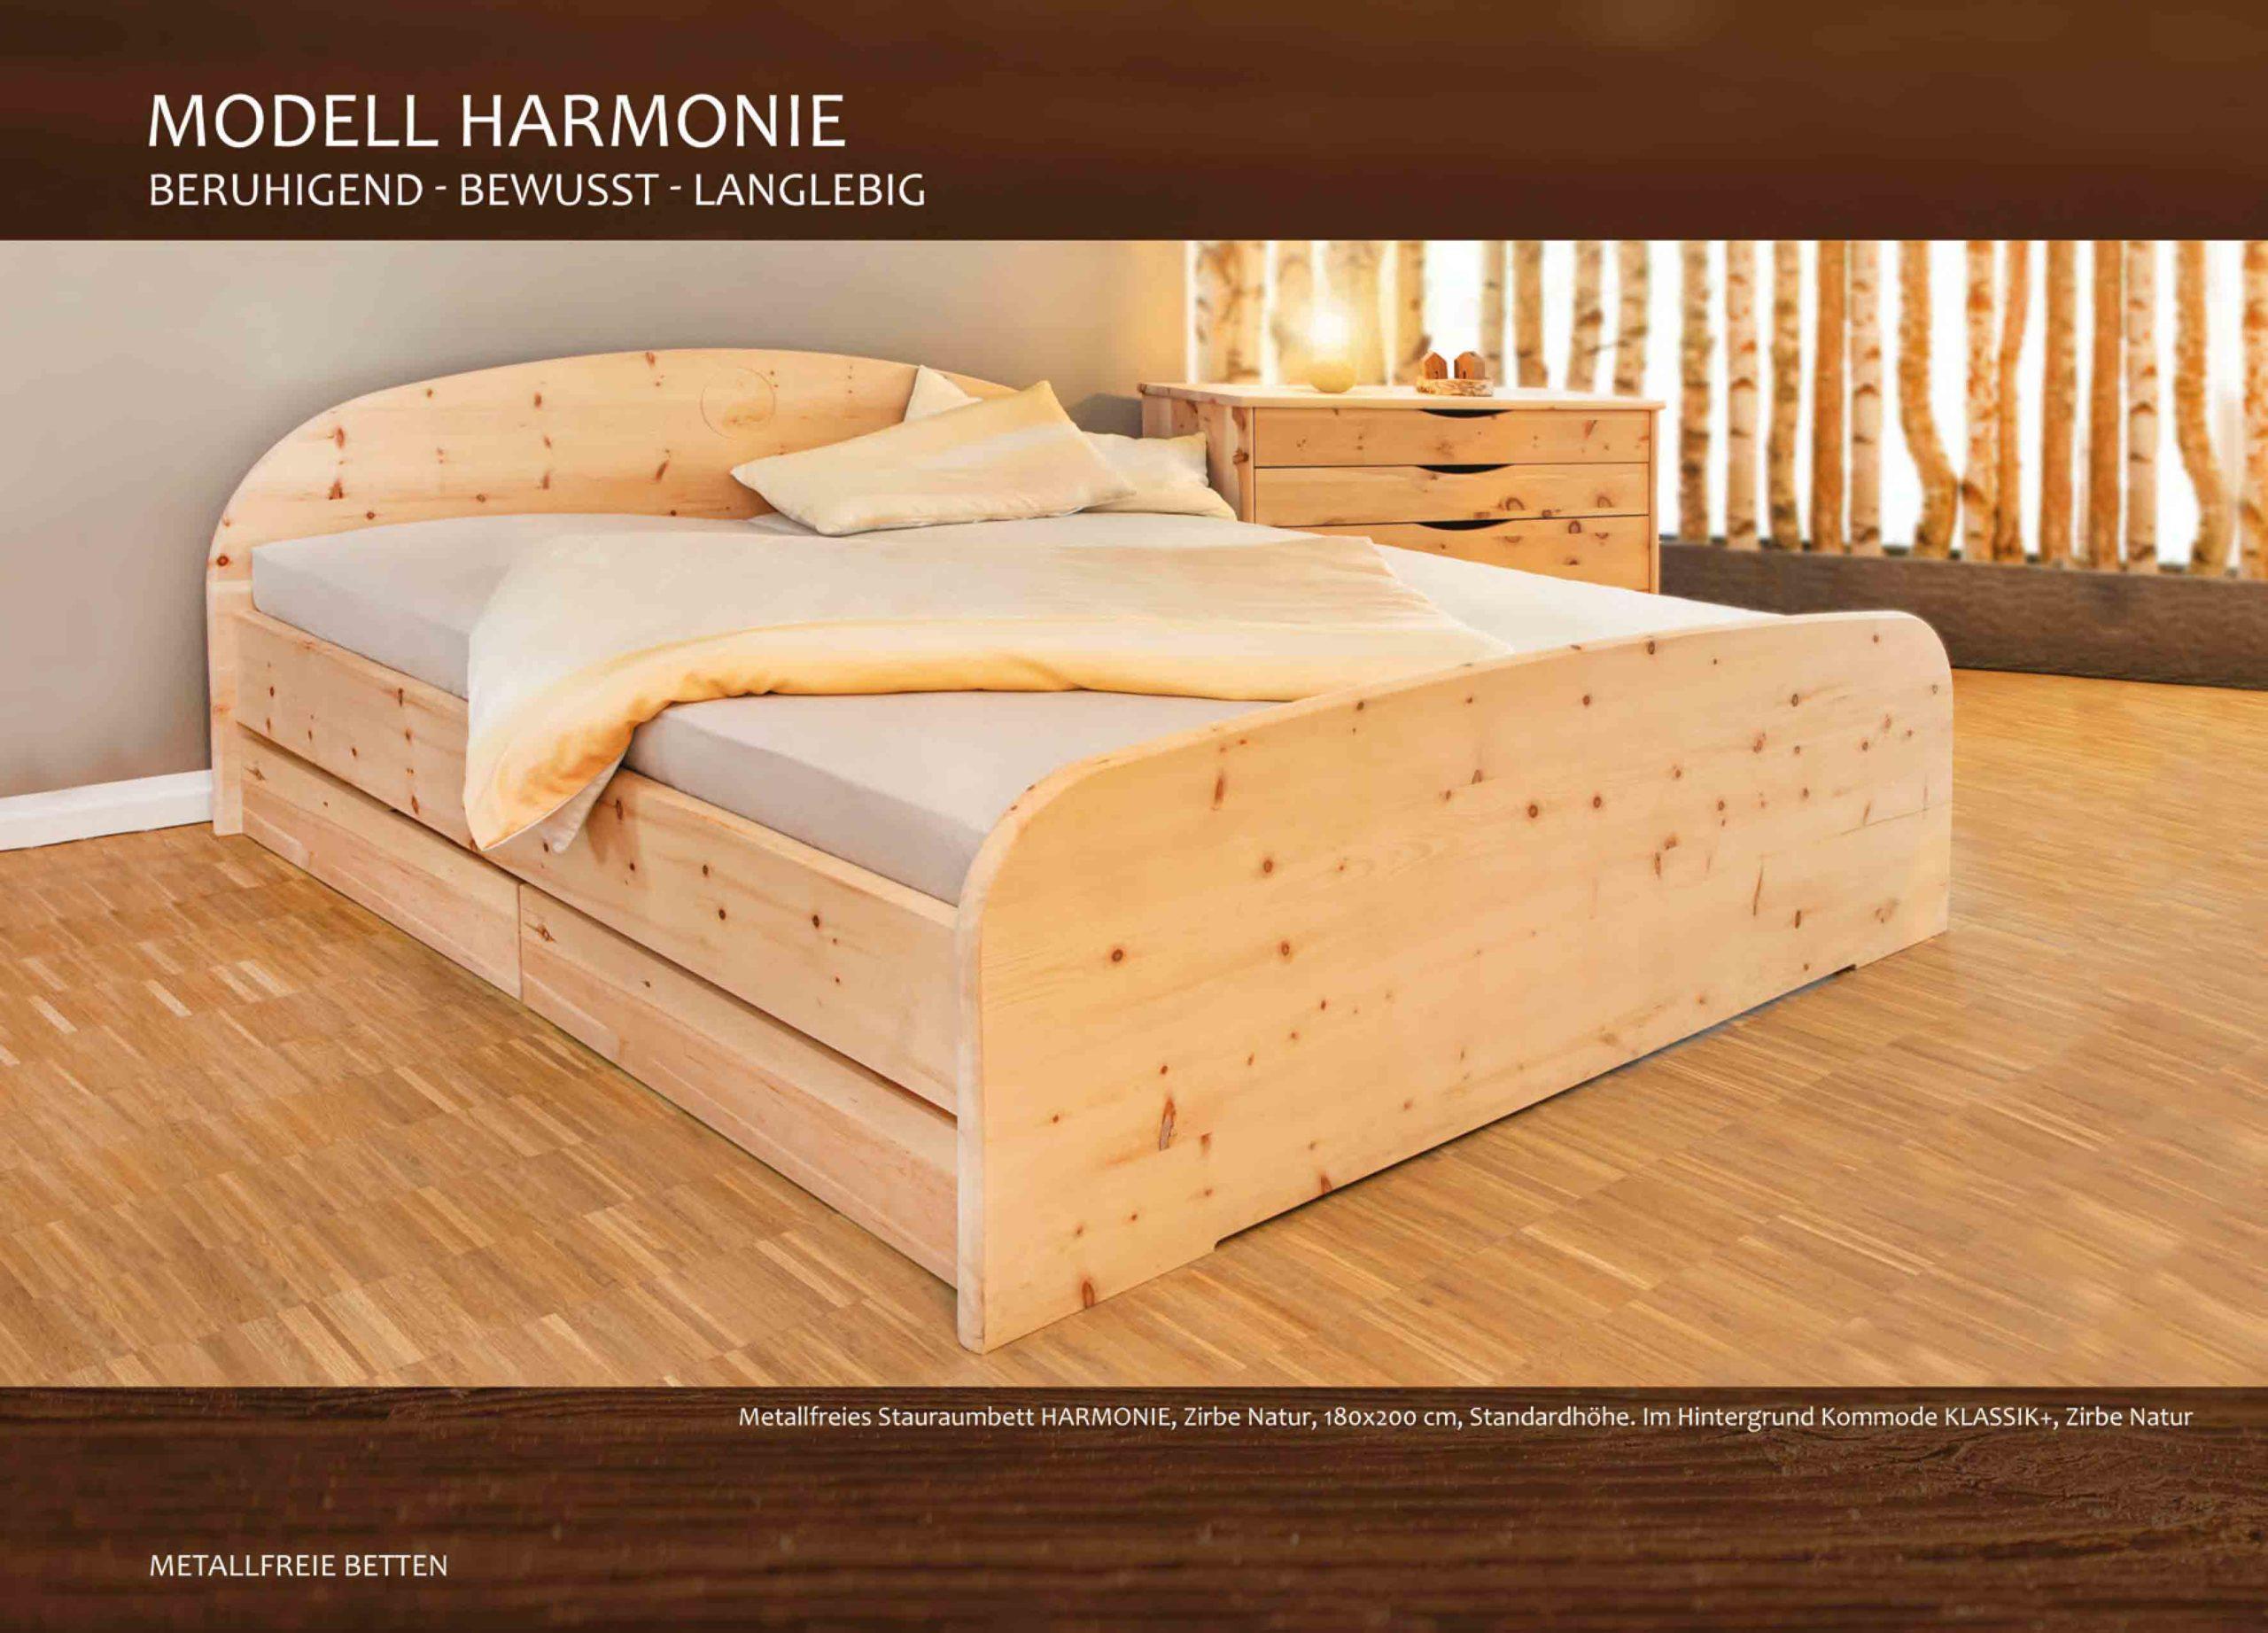 Zirbenholzbett Harmonie das massive Stauraumbett